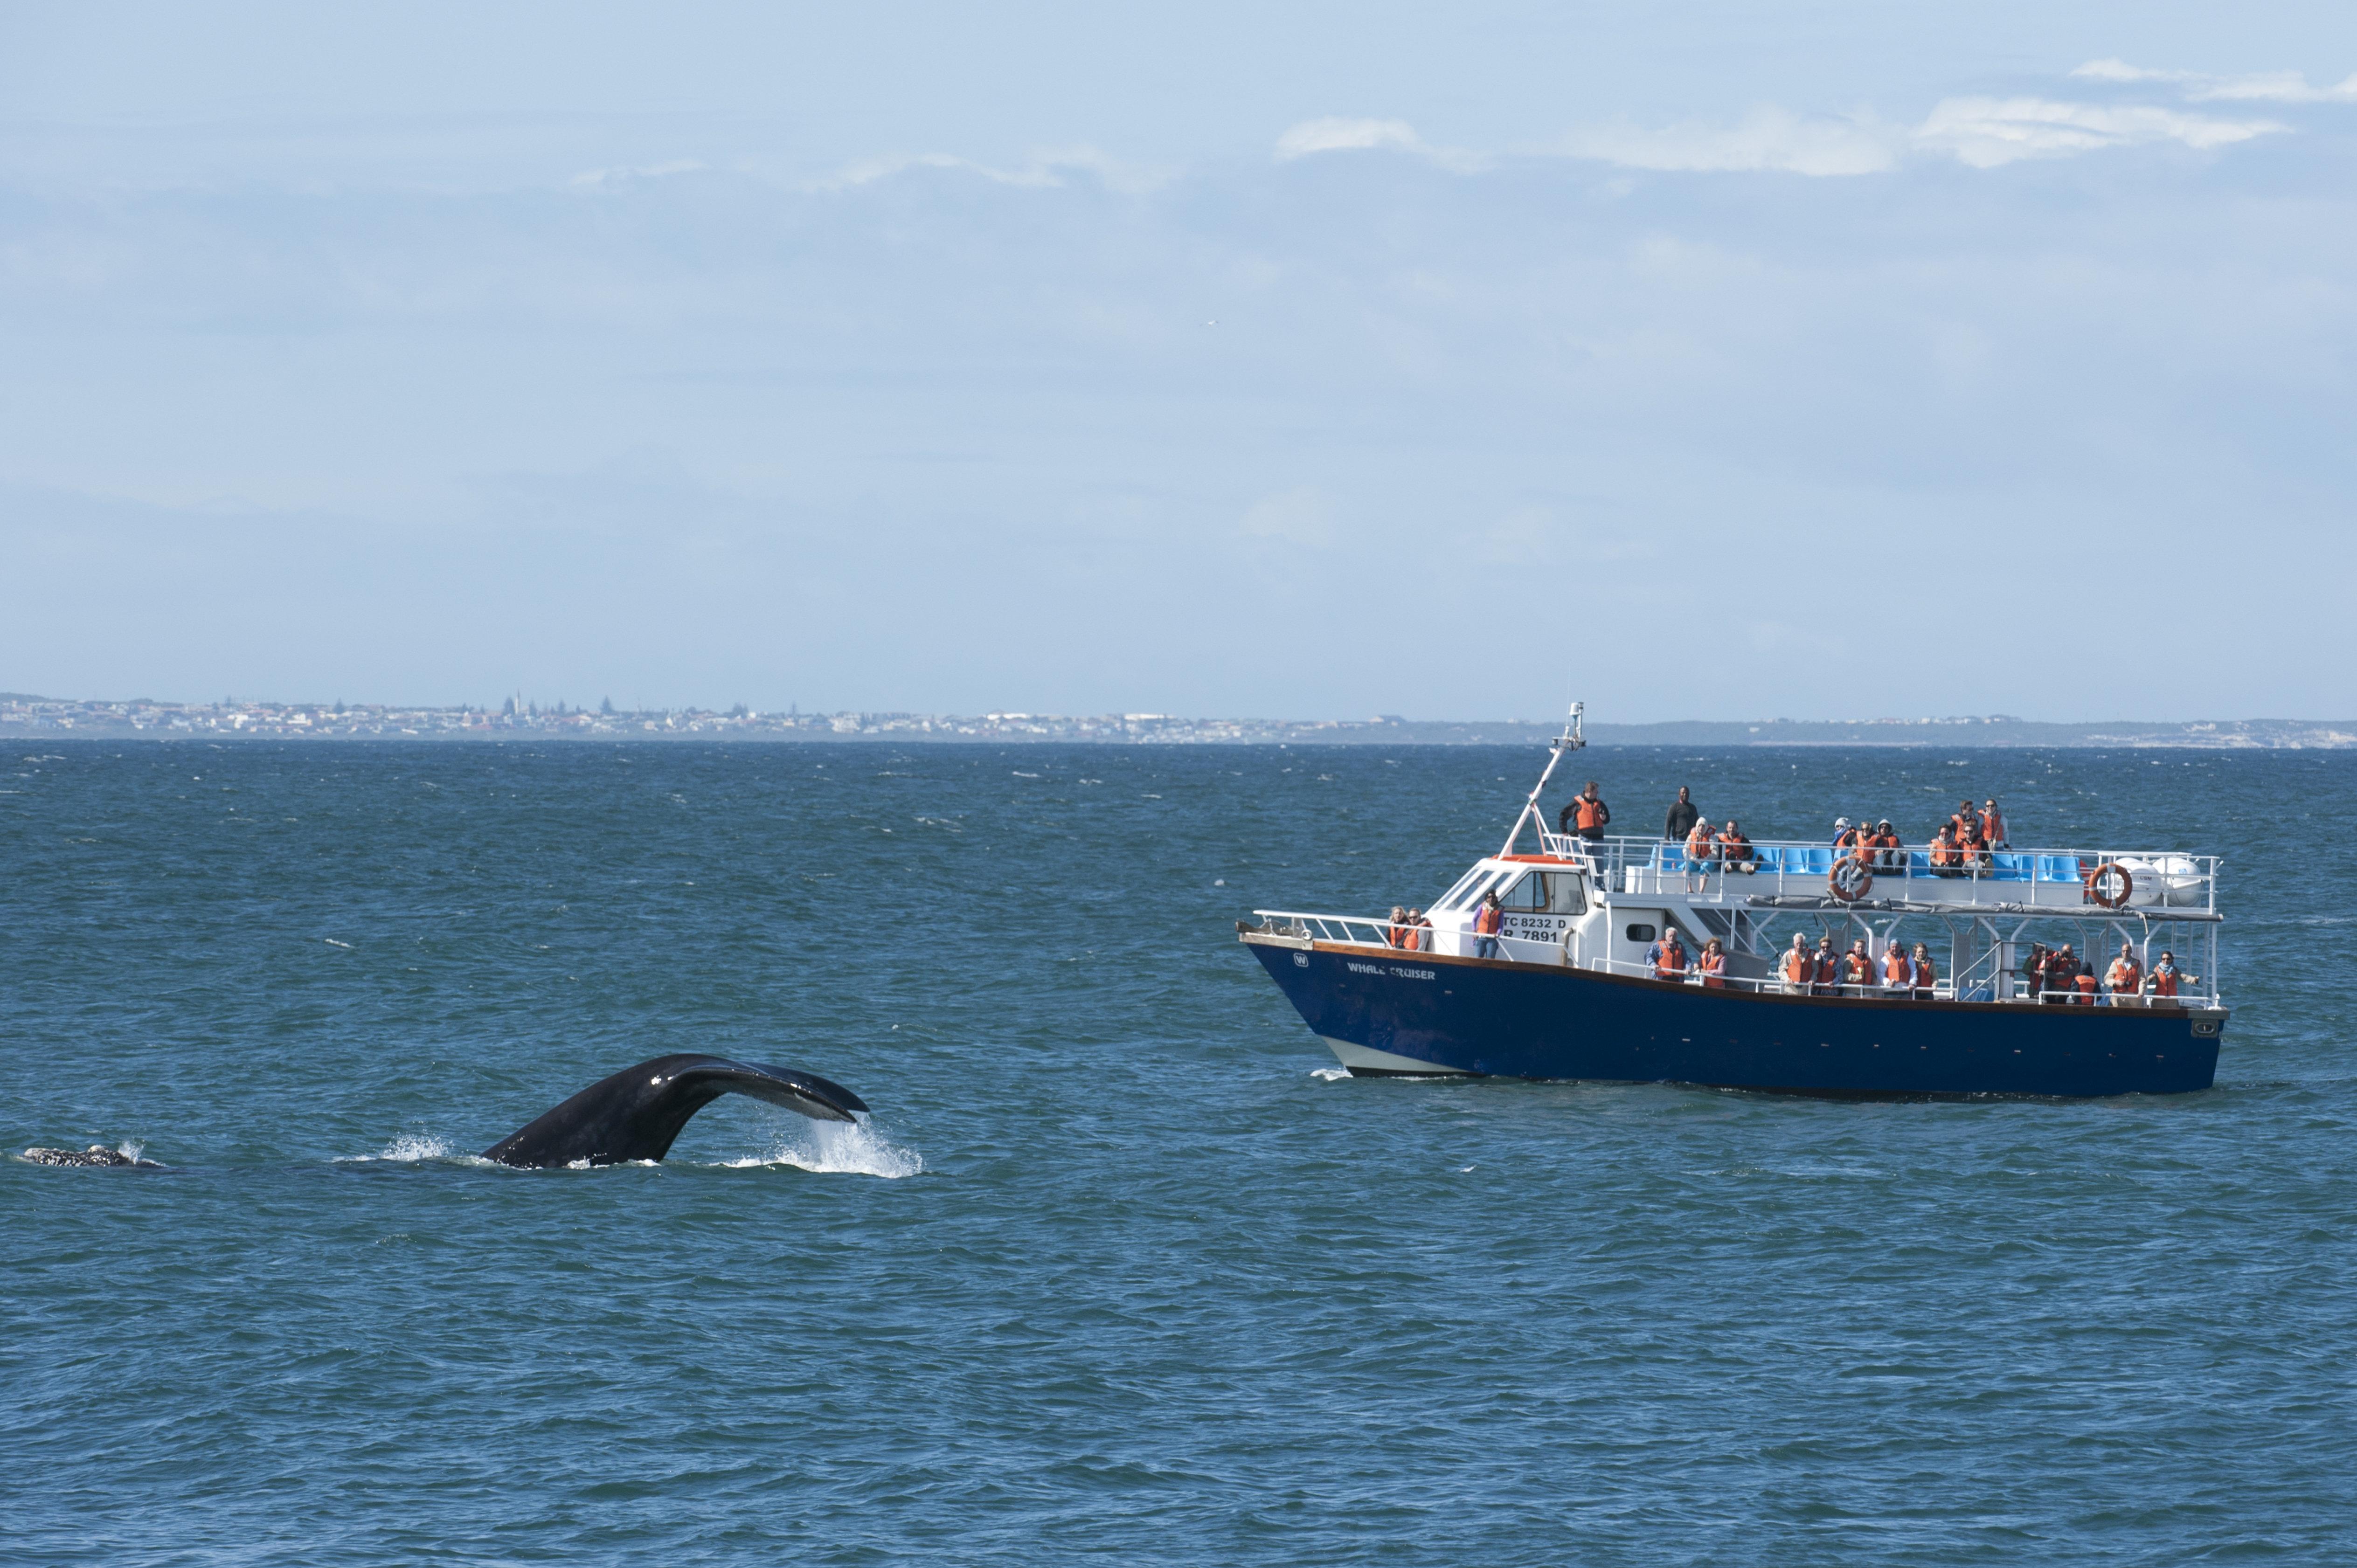 Φάλαινα χτύπησε σε φέρι και άφησε πίσω της δεκάδες